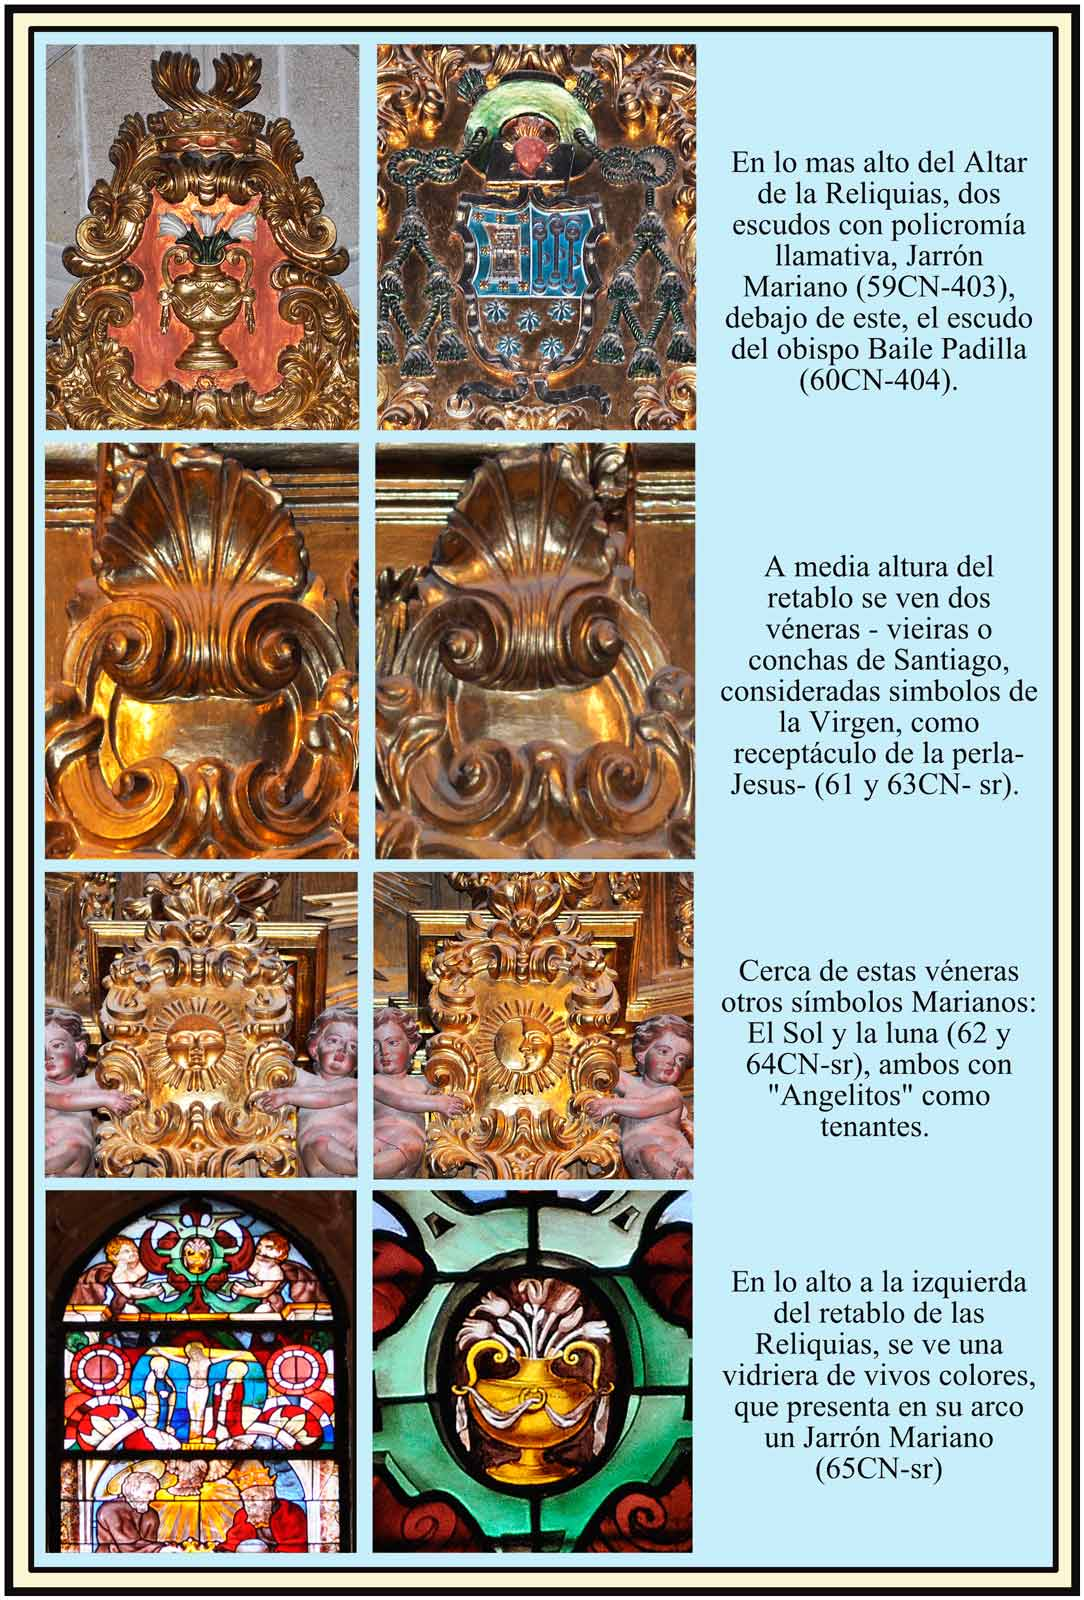 Retablo altar Reliquias Simbolos Marianos  Escudos del Obispo Baile Padilla